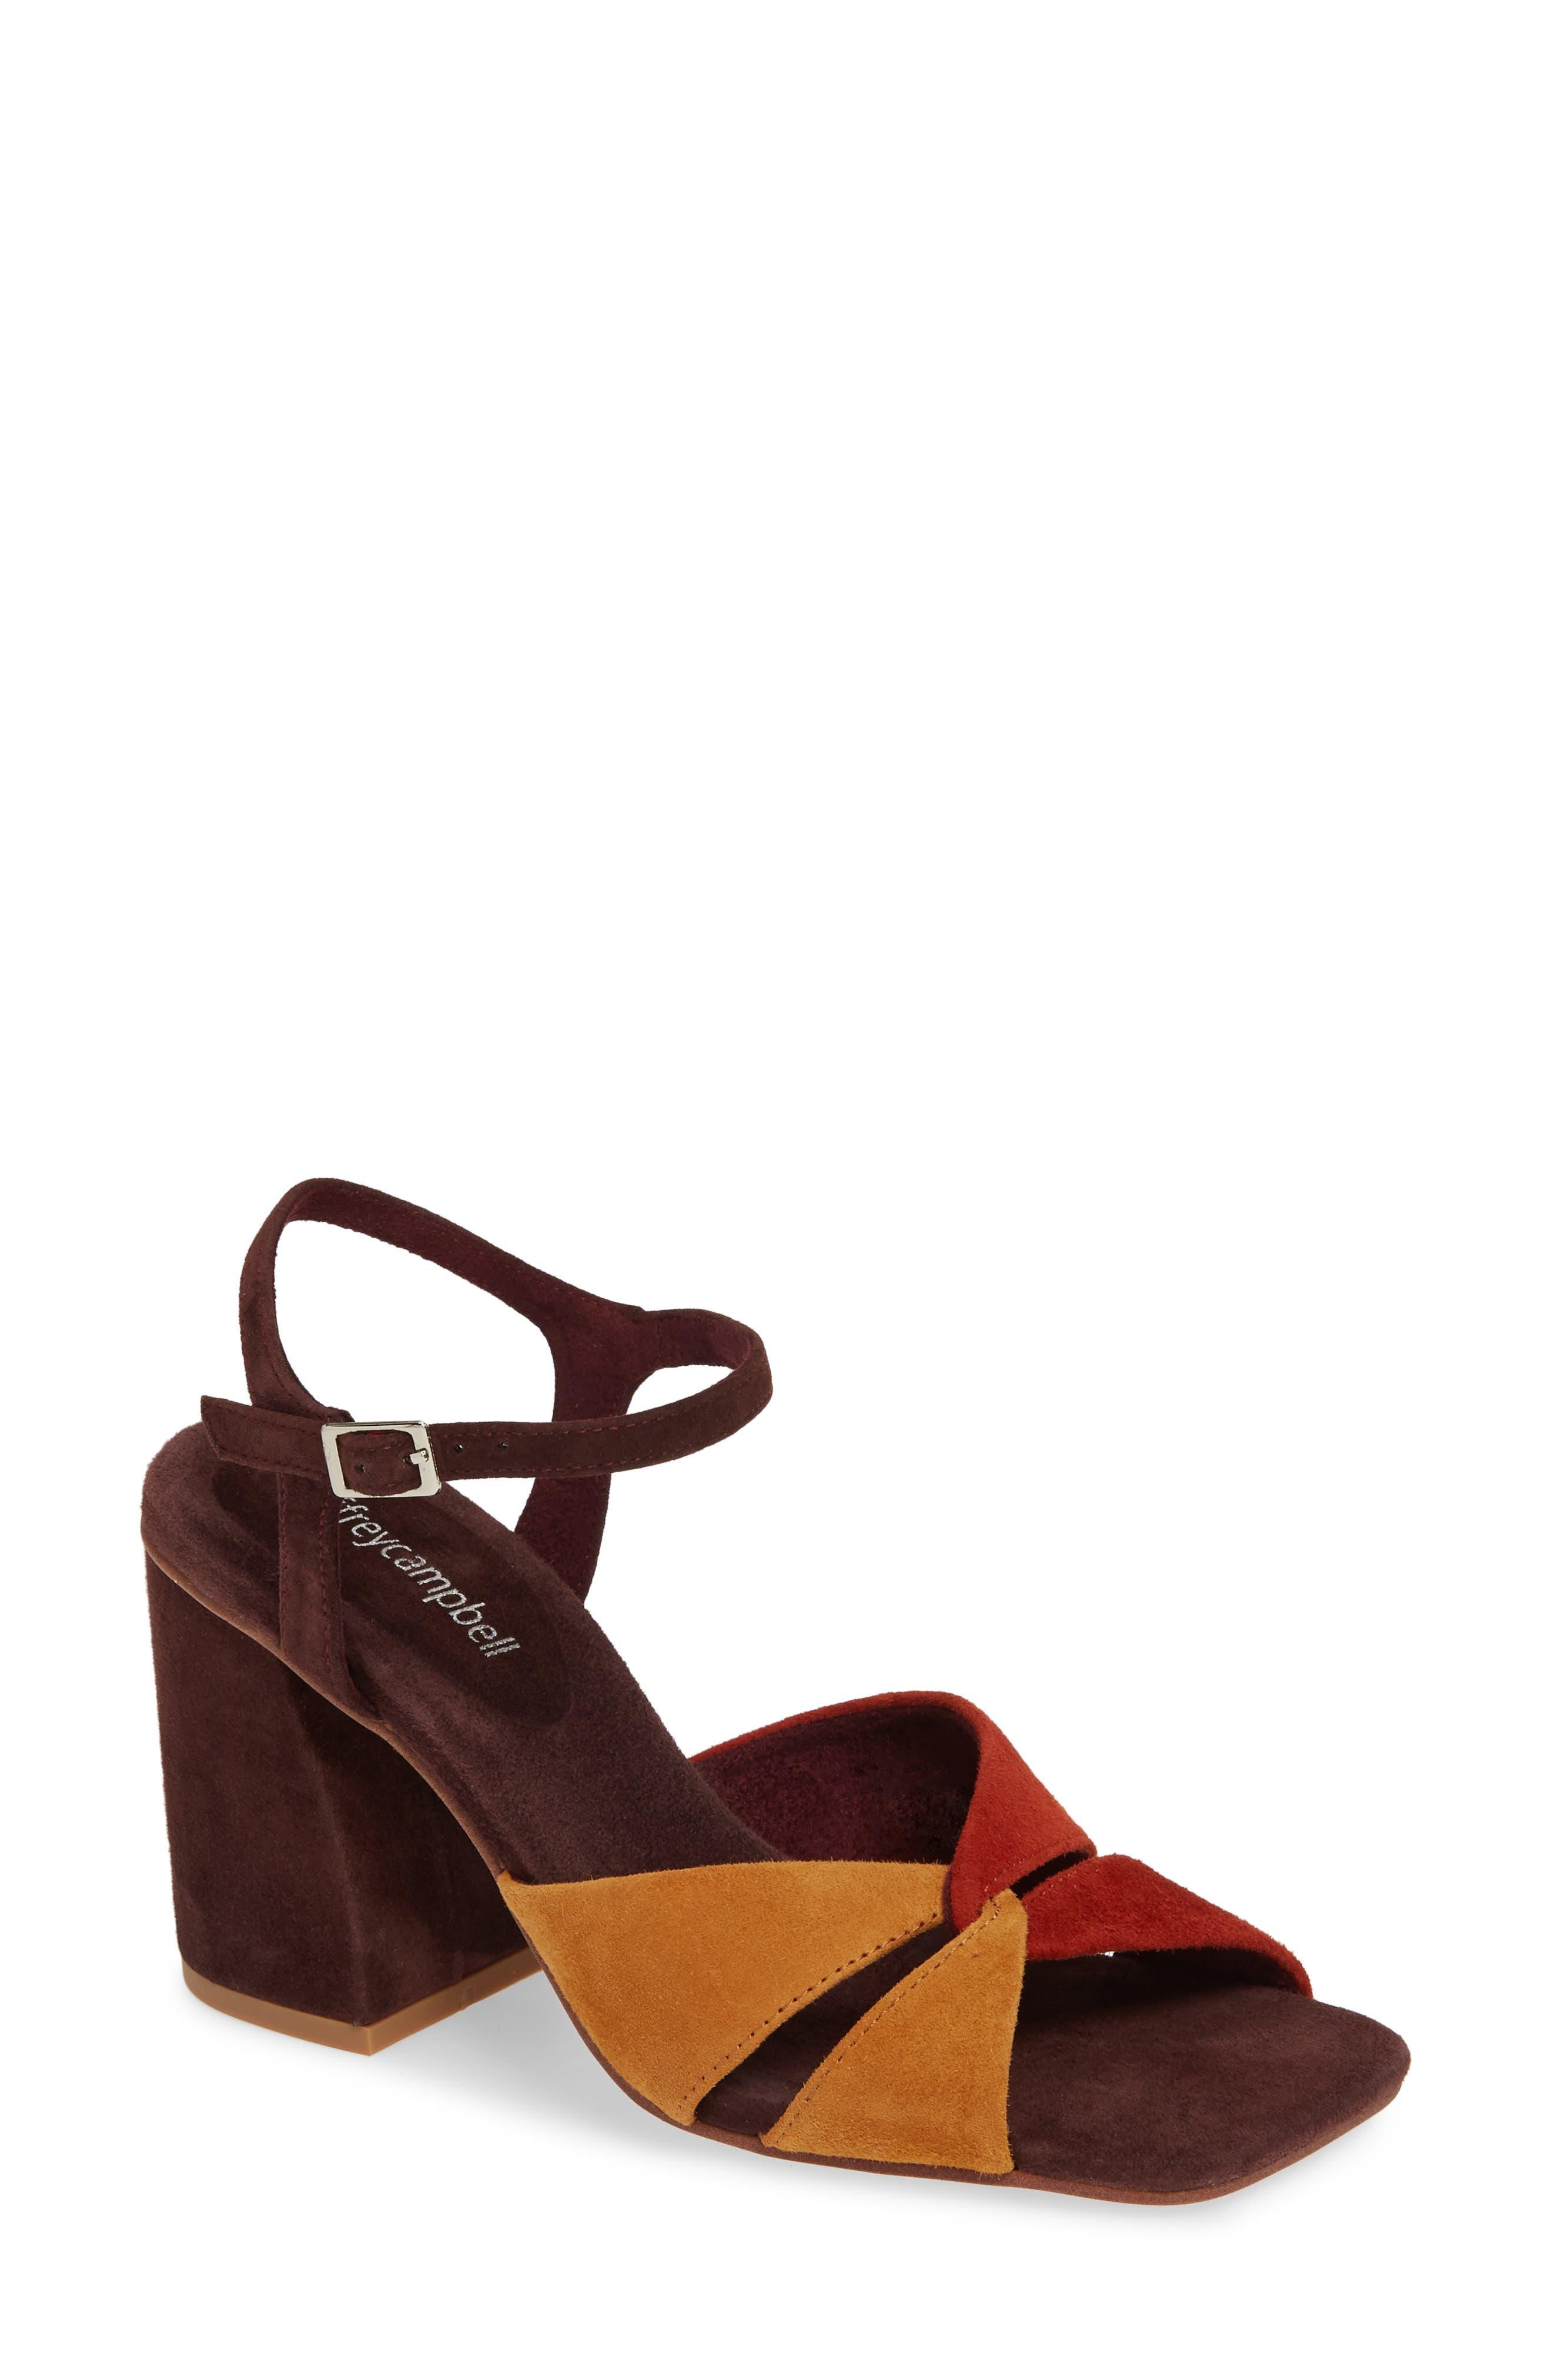 a69dd5d4d Vintage Heels